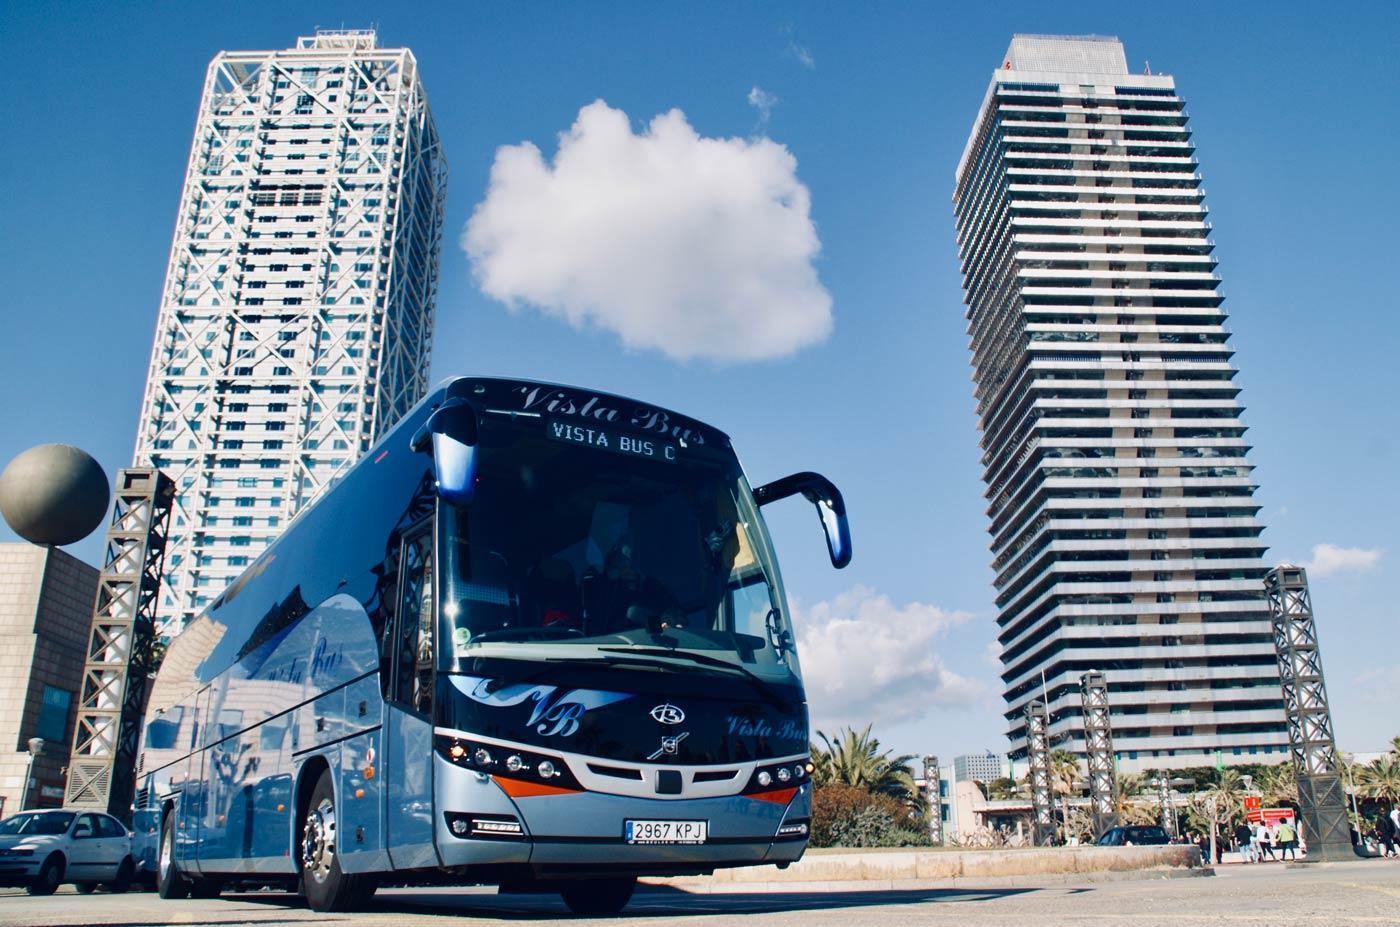 autocares-vista-bus-ciudad-1400